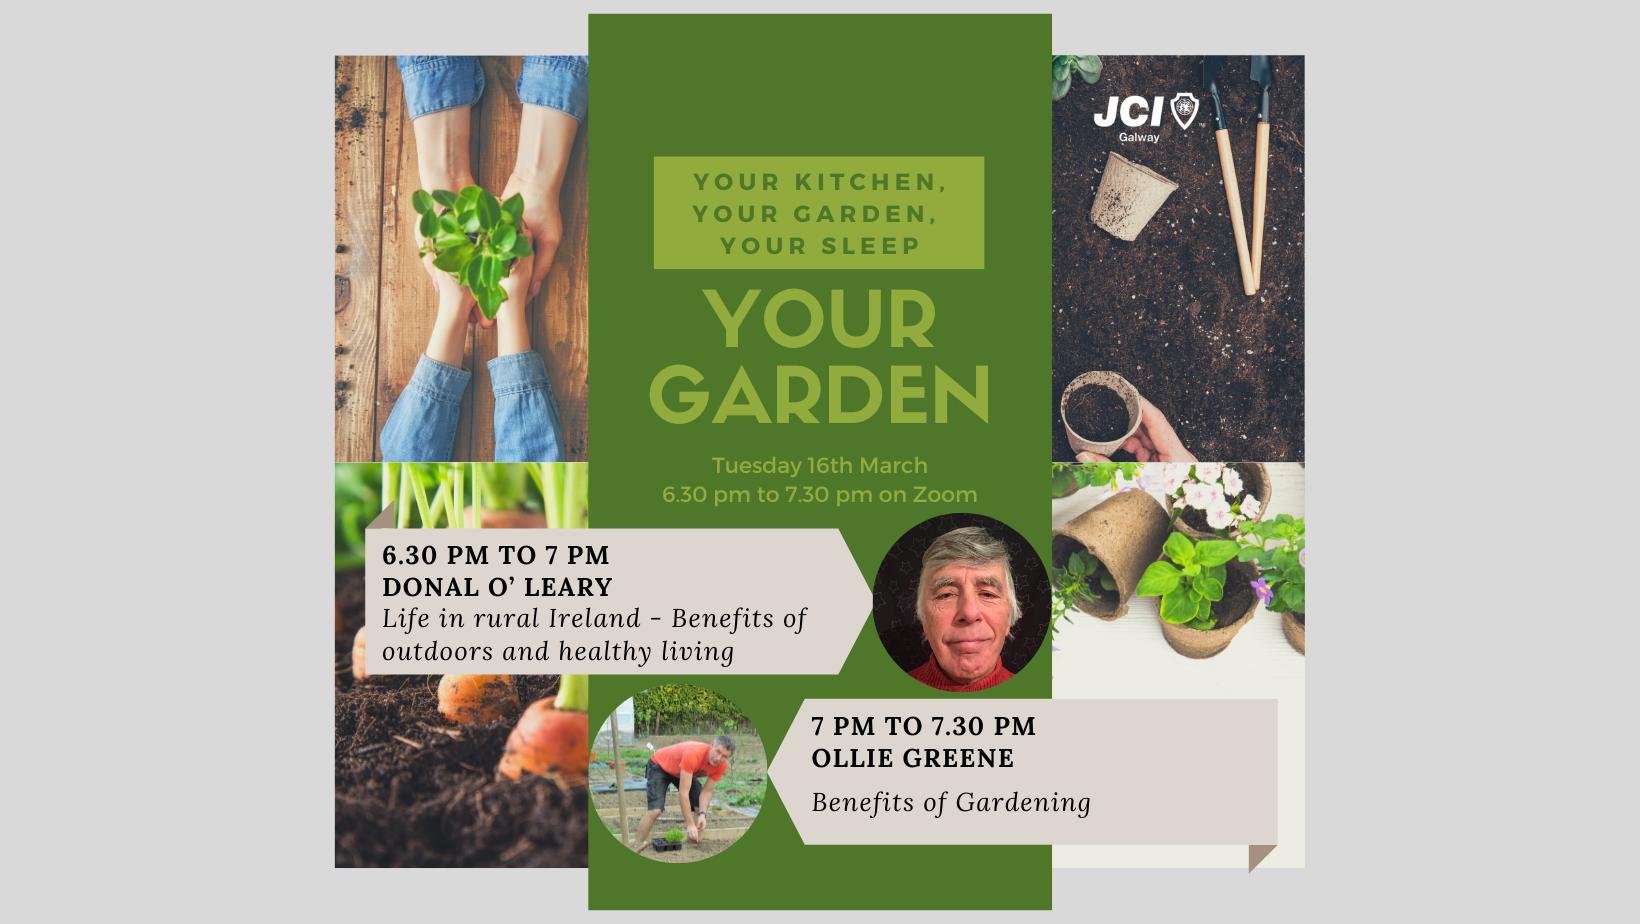 'Your Garden': Life in rural Ireland - Benefits of outdoors, healthy living & gardening